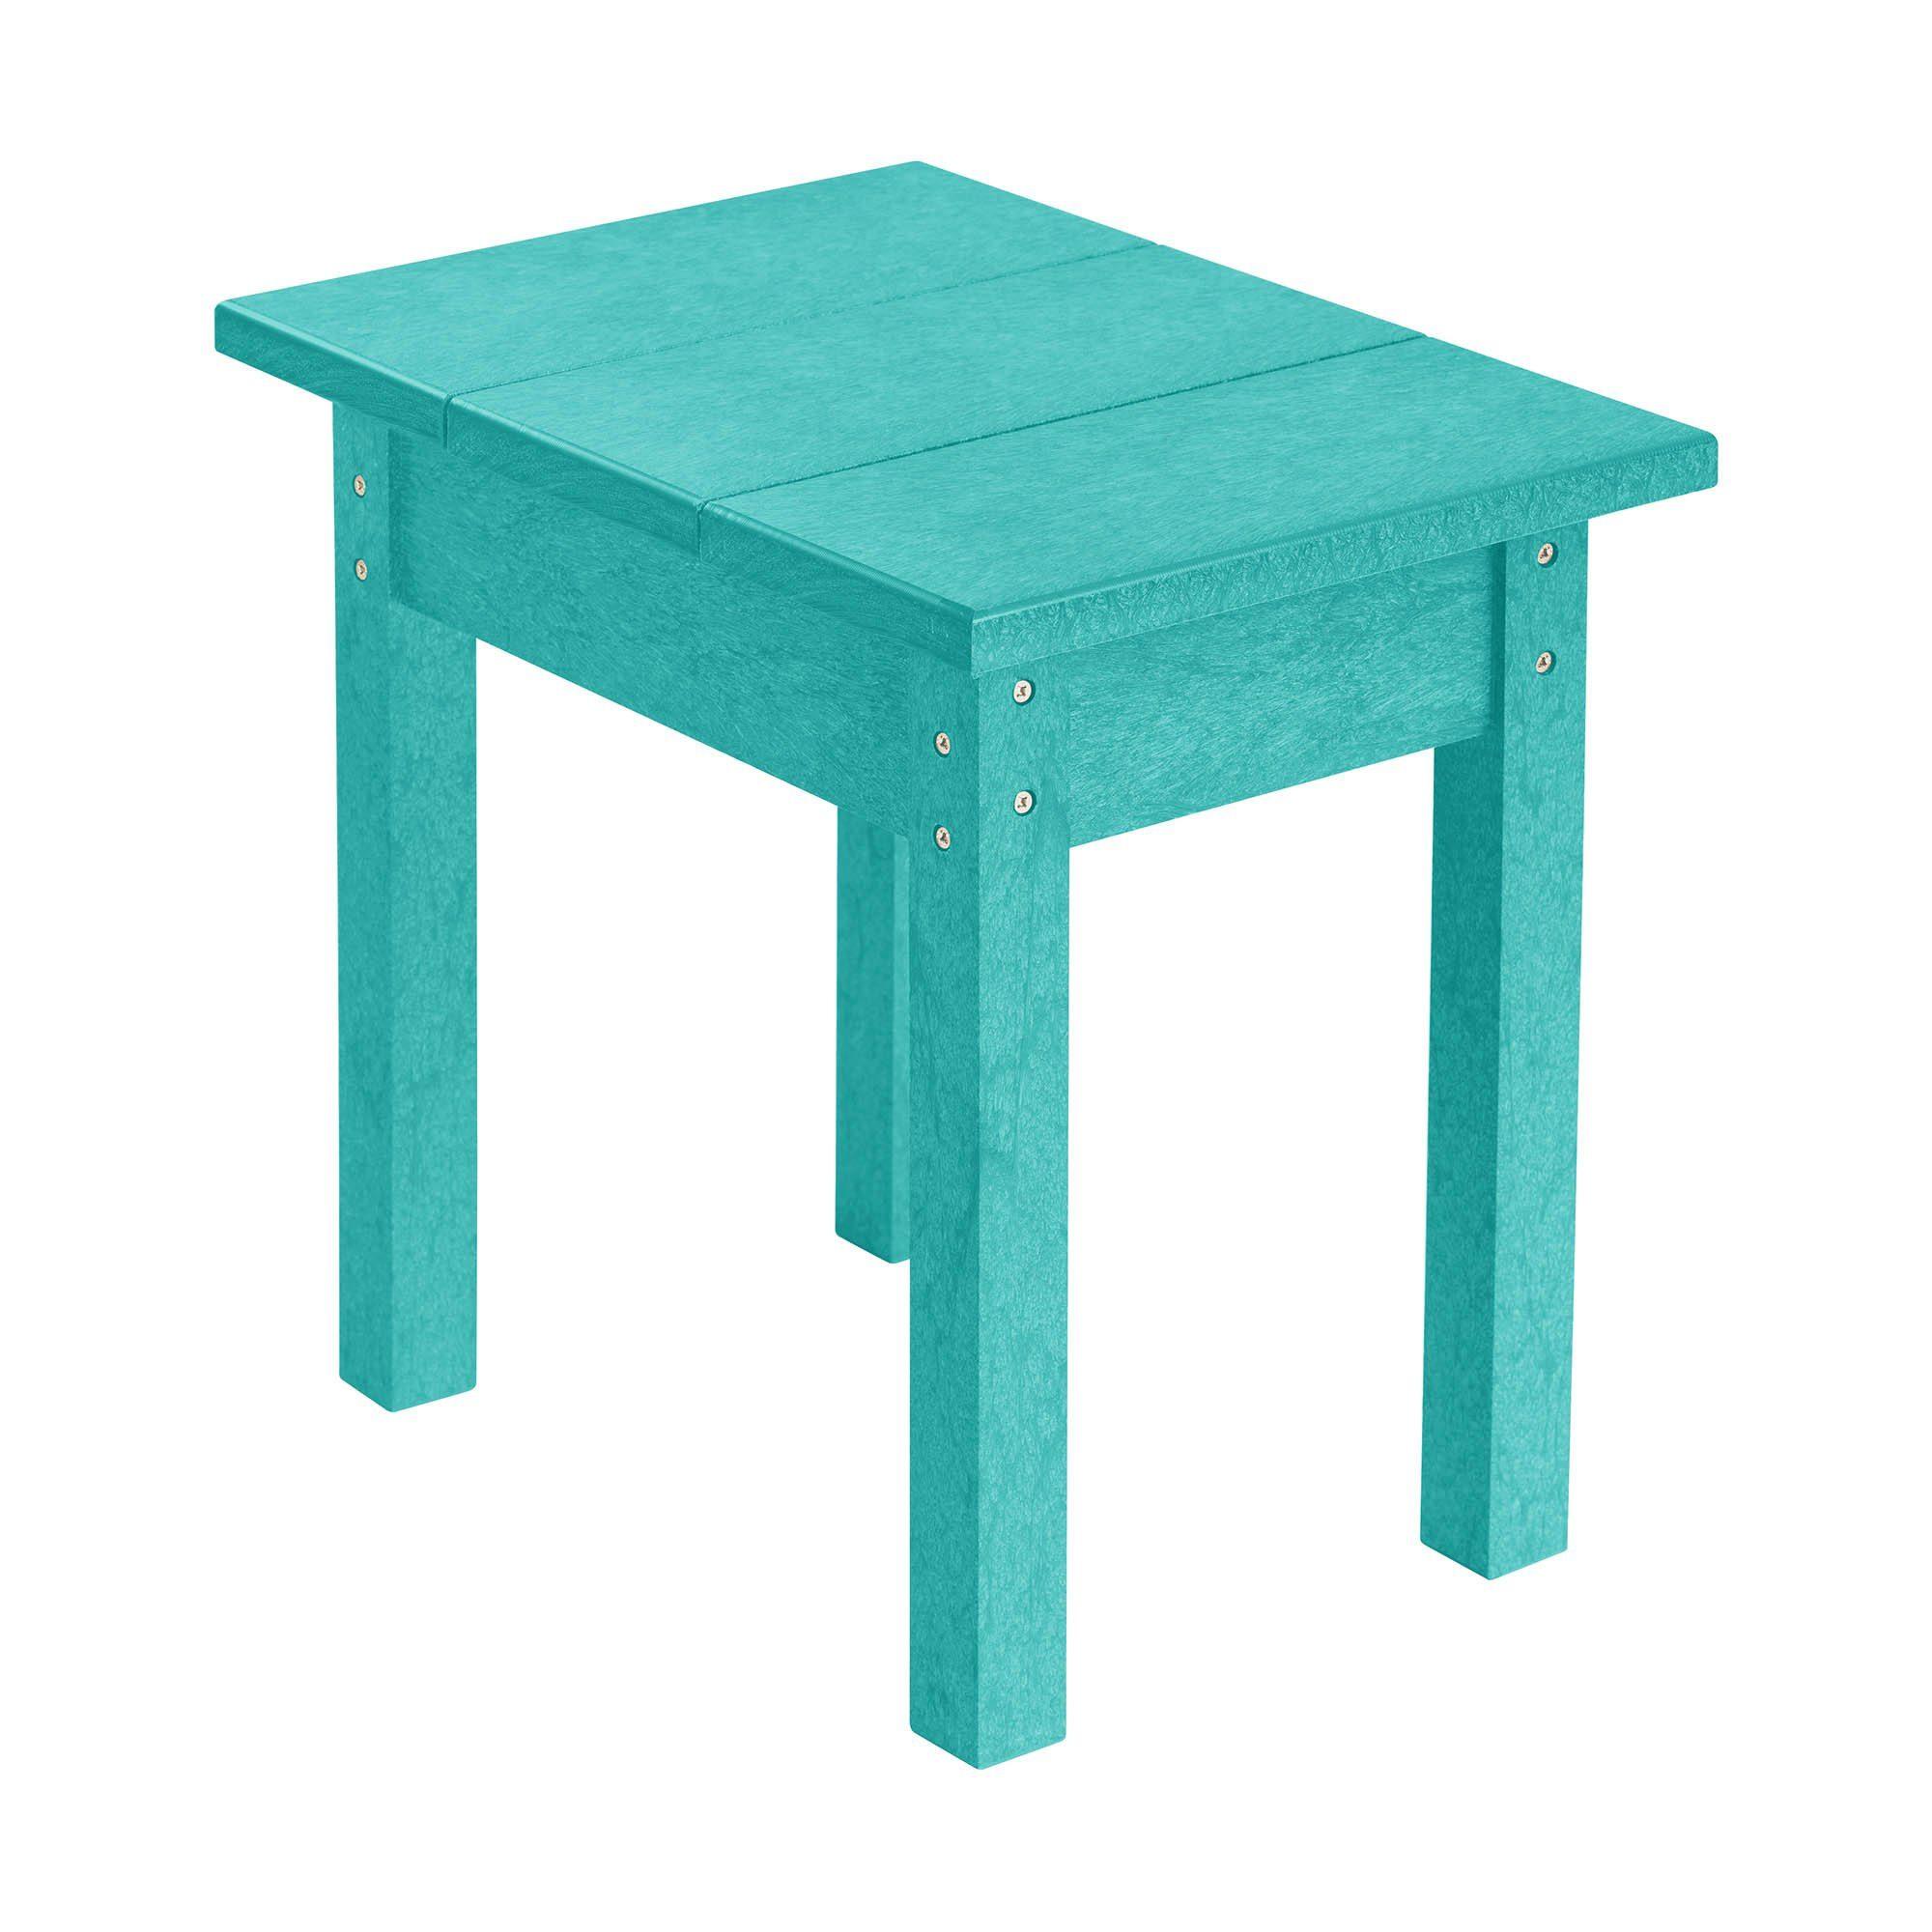 Eco utemiljö sidobord i plast i färgen turkos.